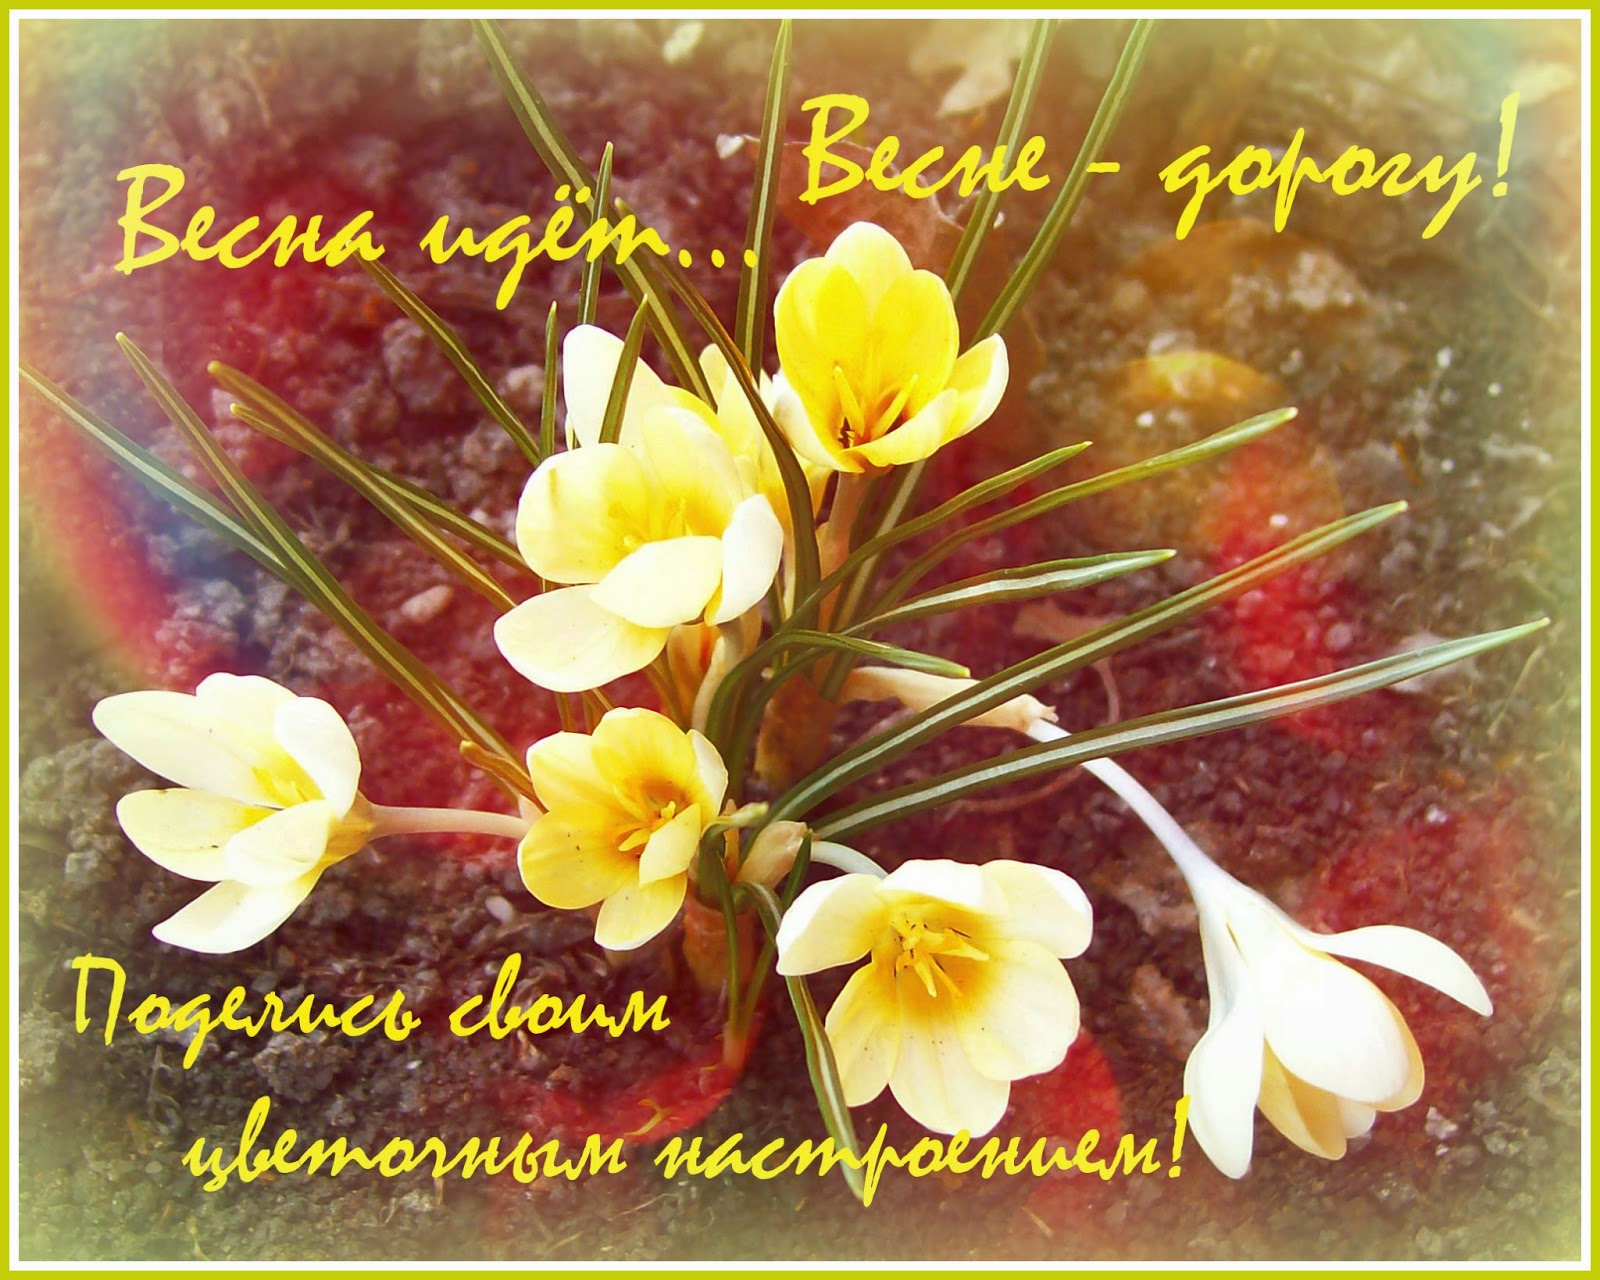 http://kaleidoskop63.blogspot.ru/2014/04/galereya-vesennego-tsveteniya.html